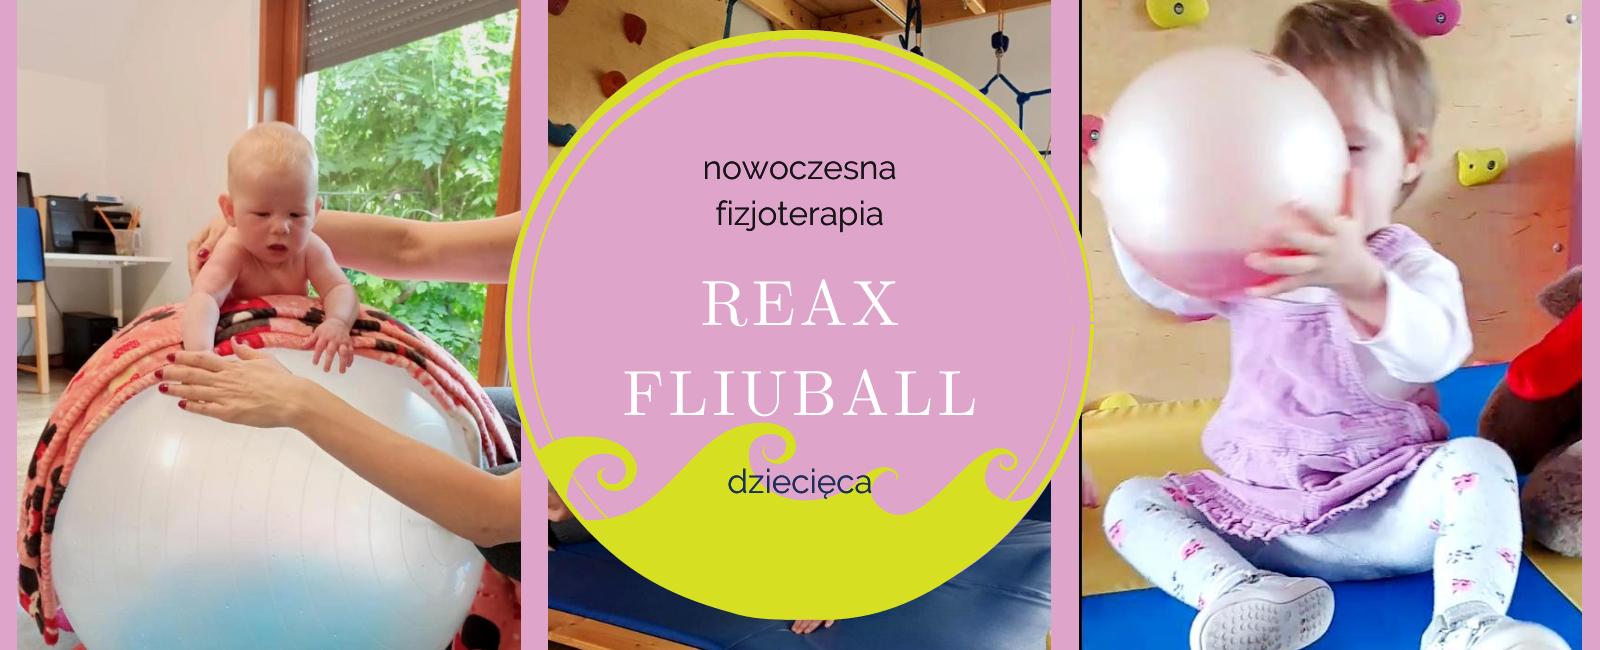 Reax Fluiball Reaxing Pilka Gimnastyczna Do Cwiczen Z Dziecmi.jpg